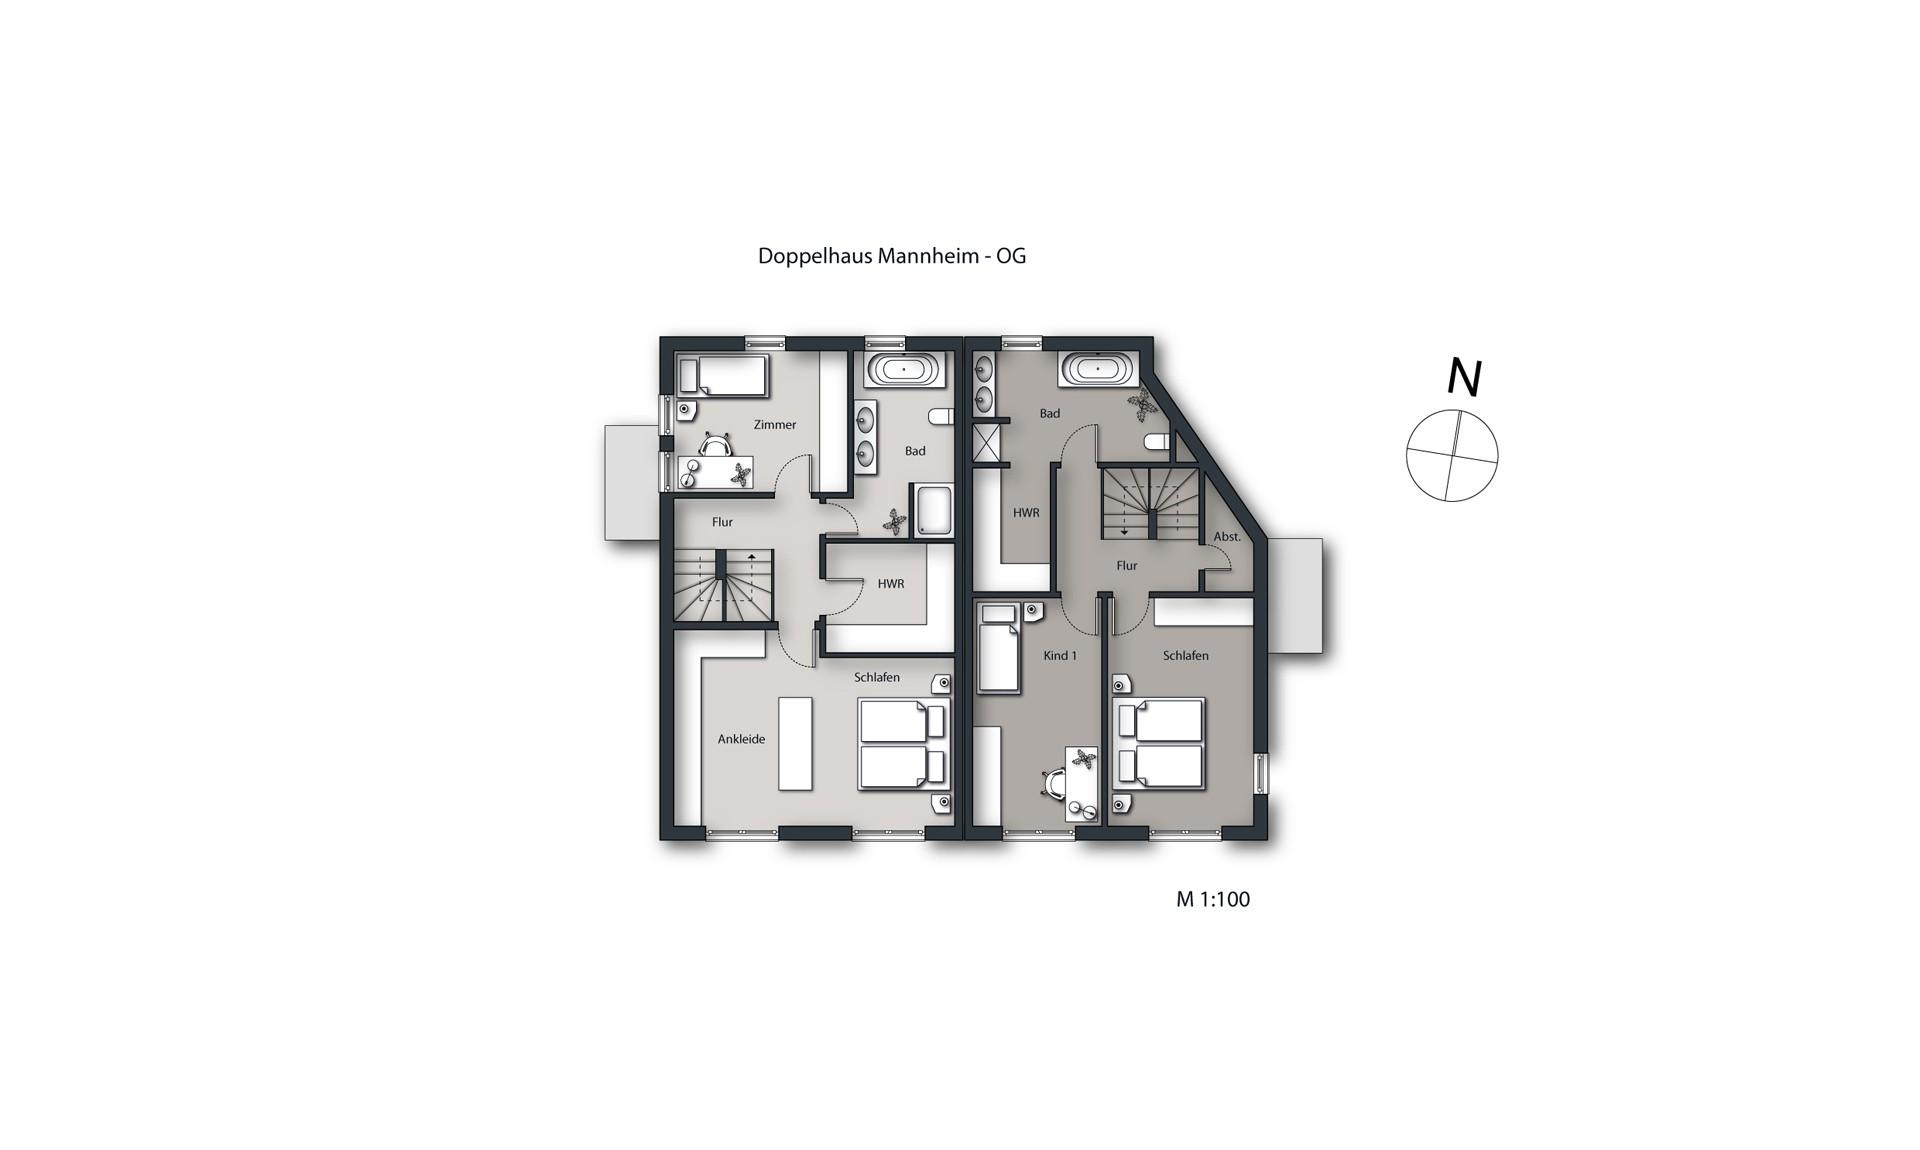 Visualisierung Doppelhaus Mannheim Grundriss OG